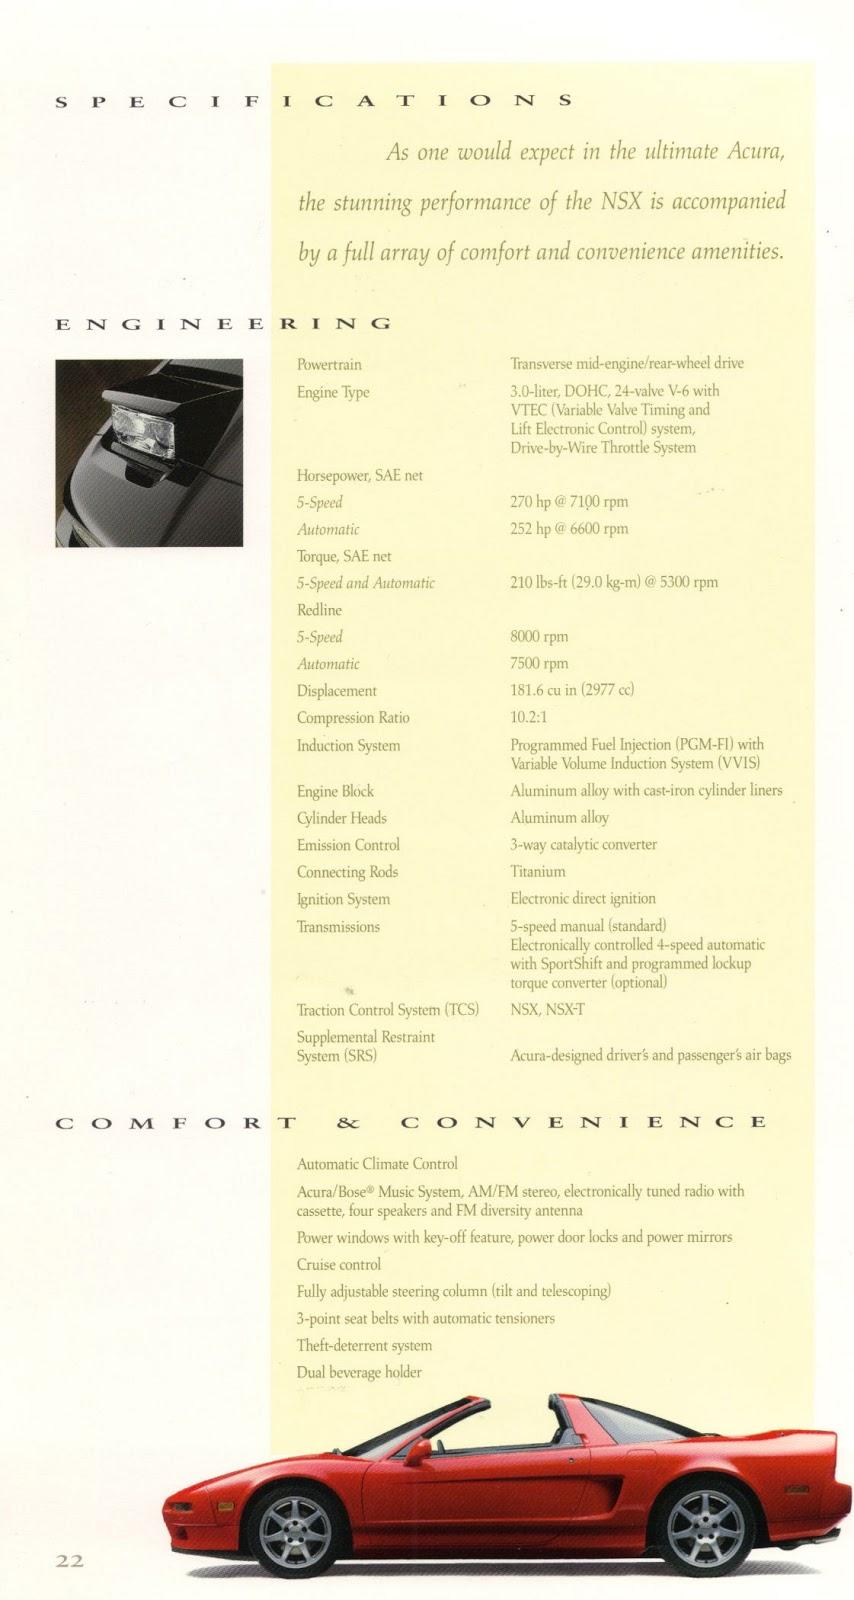 Acura NSX japoński supercar sportowy samochód kultowy V6 RWD broszura